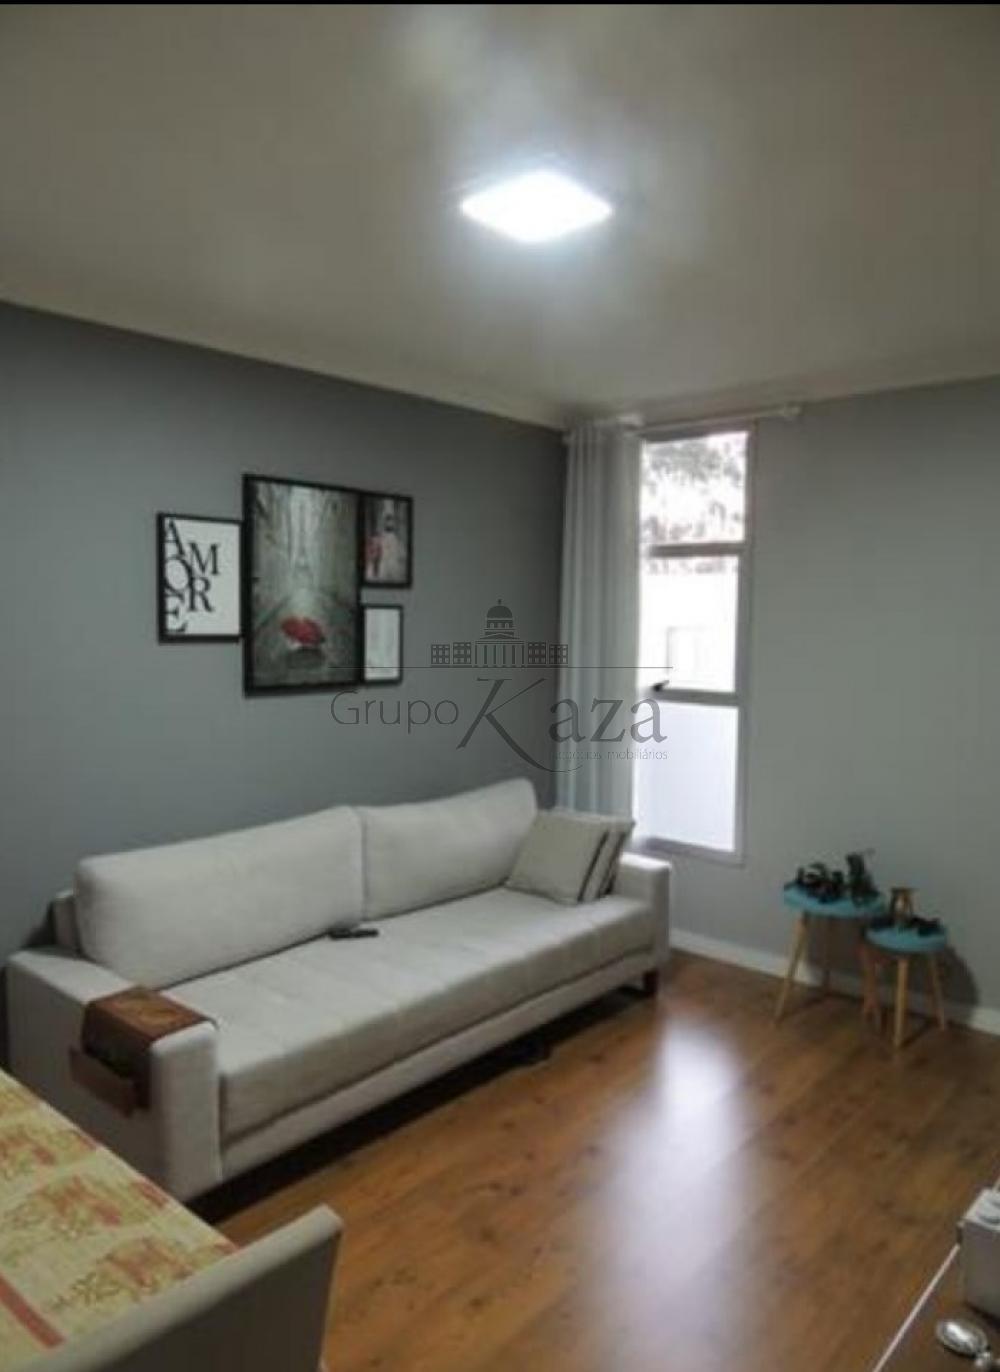 alt='Comprar Apartamento / Padrão em São José dos Campos R$ 180.000,00 - Foto 8' title='Comprar Apartamento / Padrão em São José dos Campos R$ 180.000,00 - Foto 8'